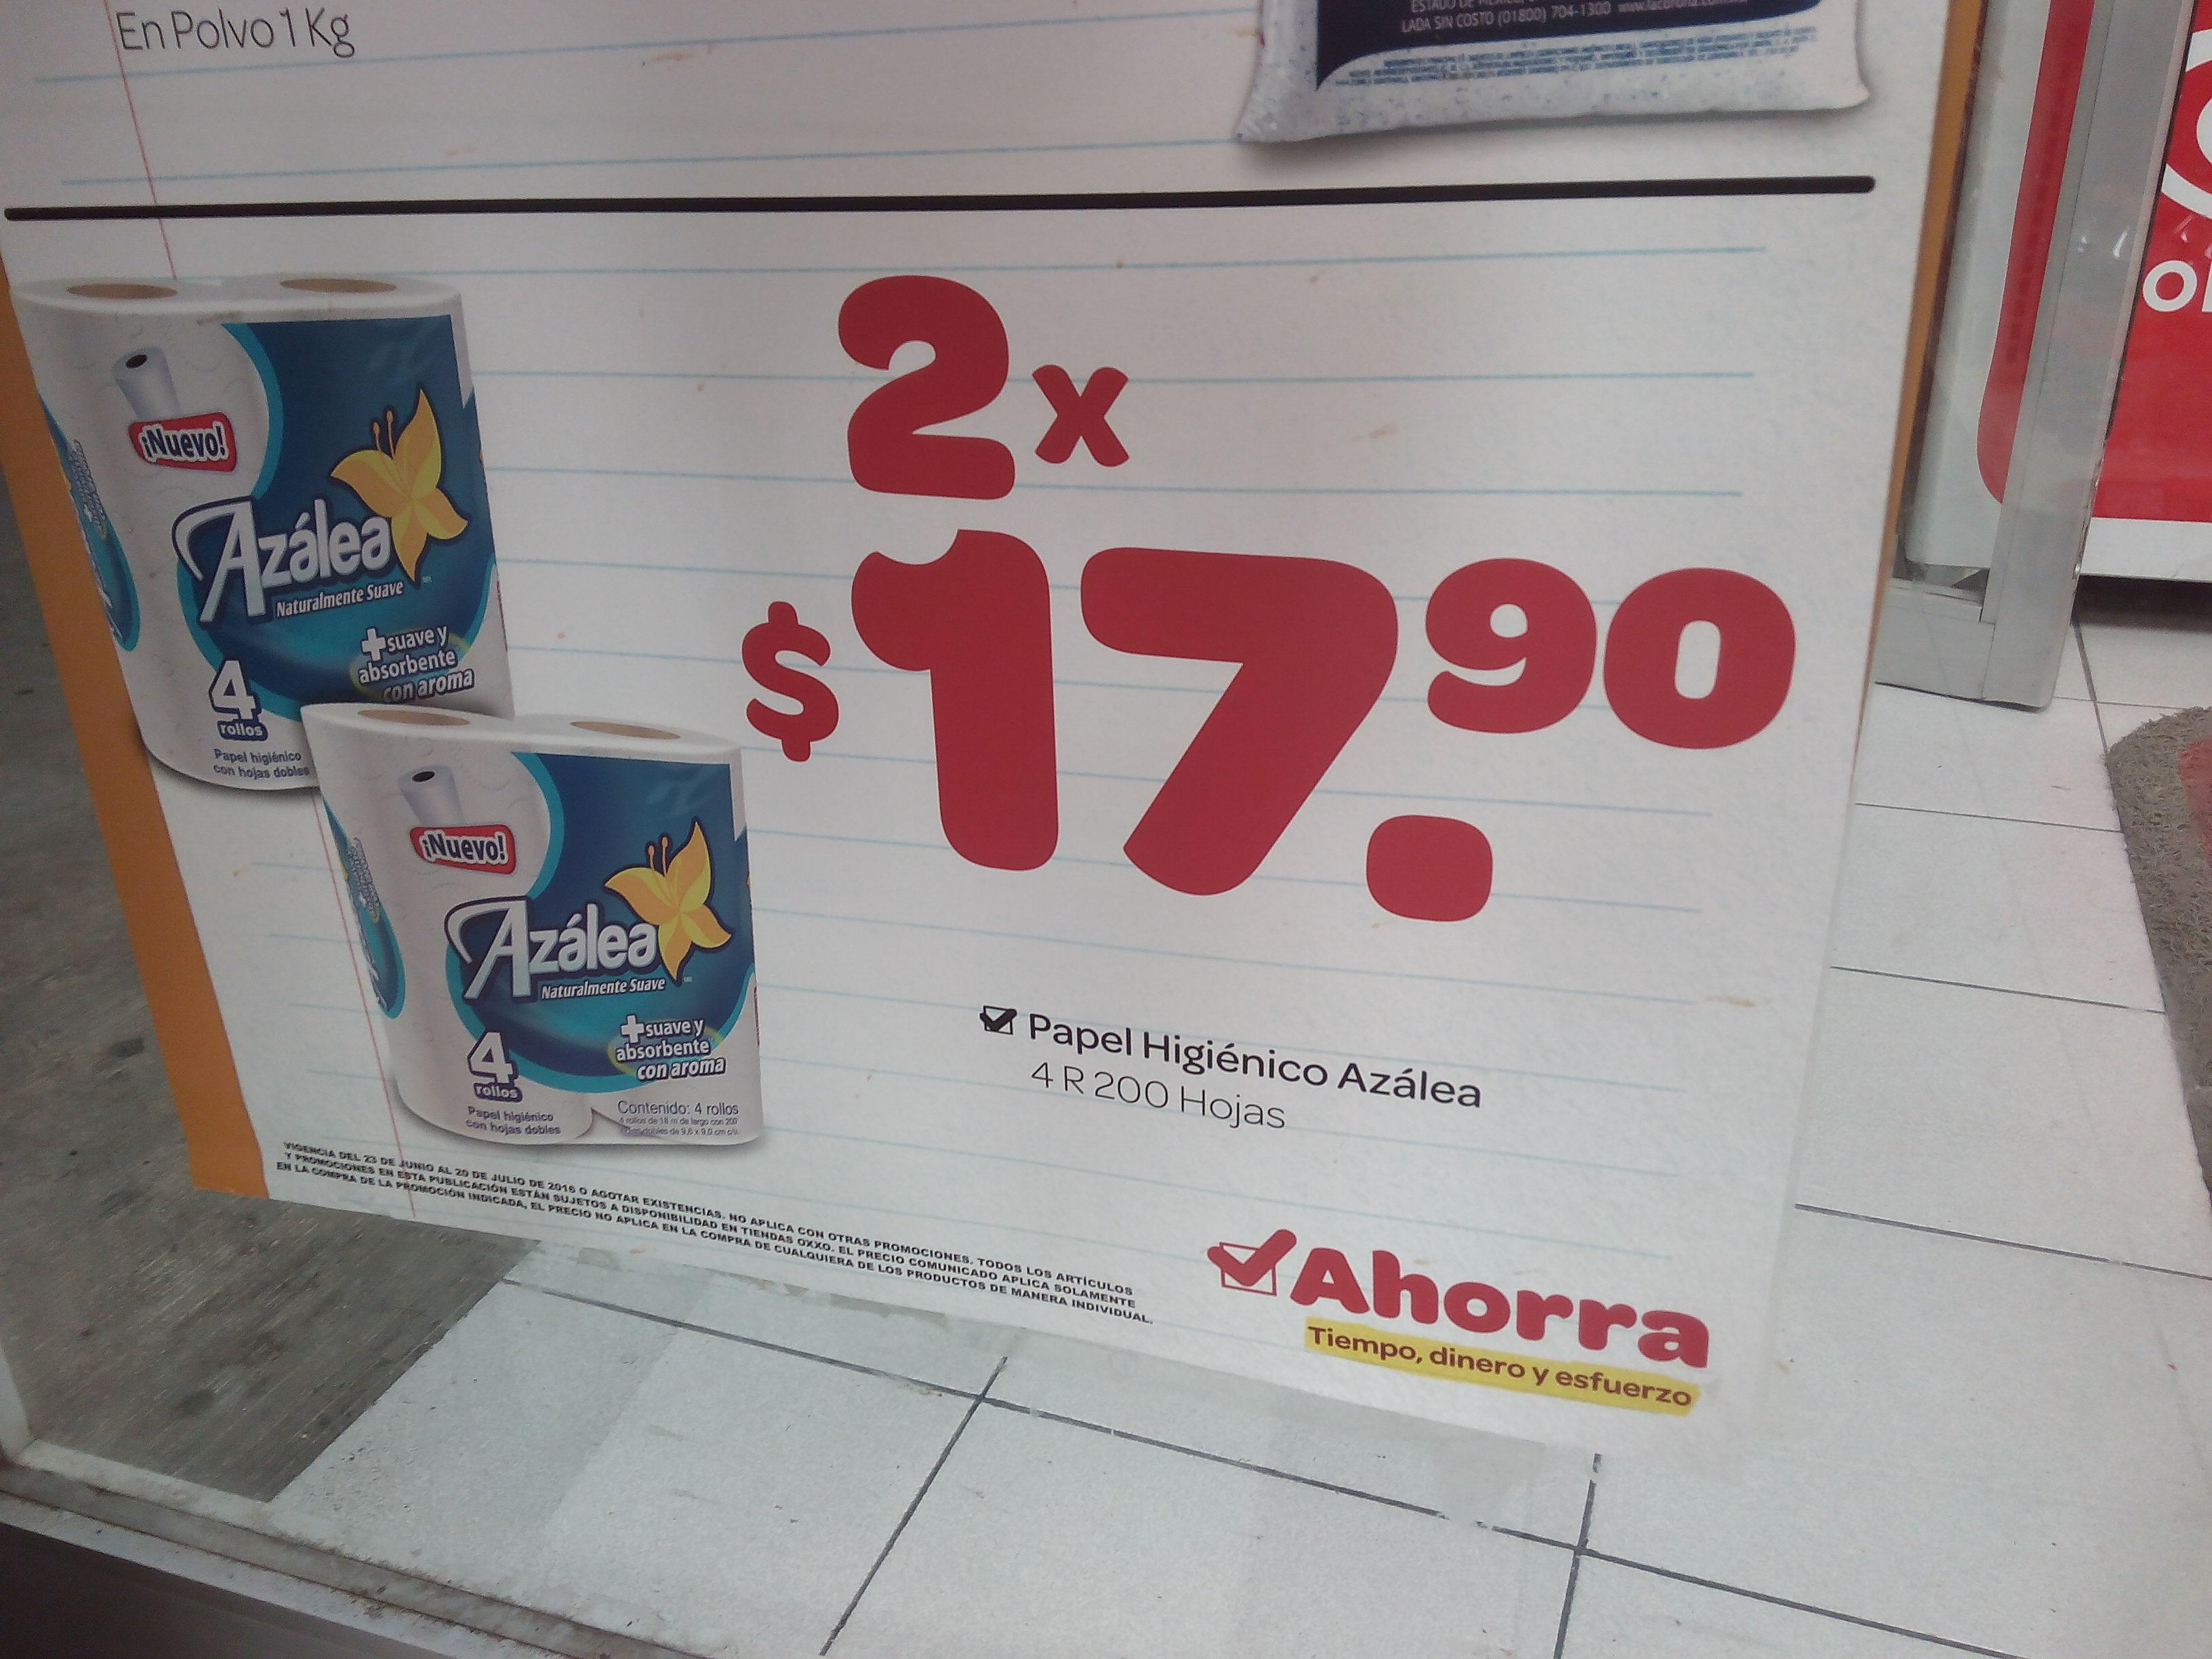 Oxxo: 8 Rollos pequeños Azalea por 18 pesos